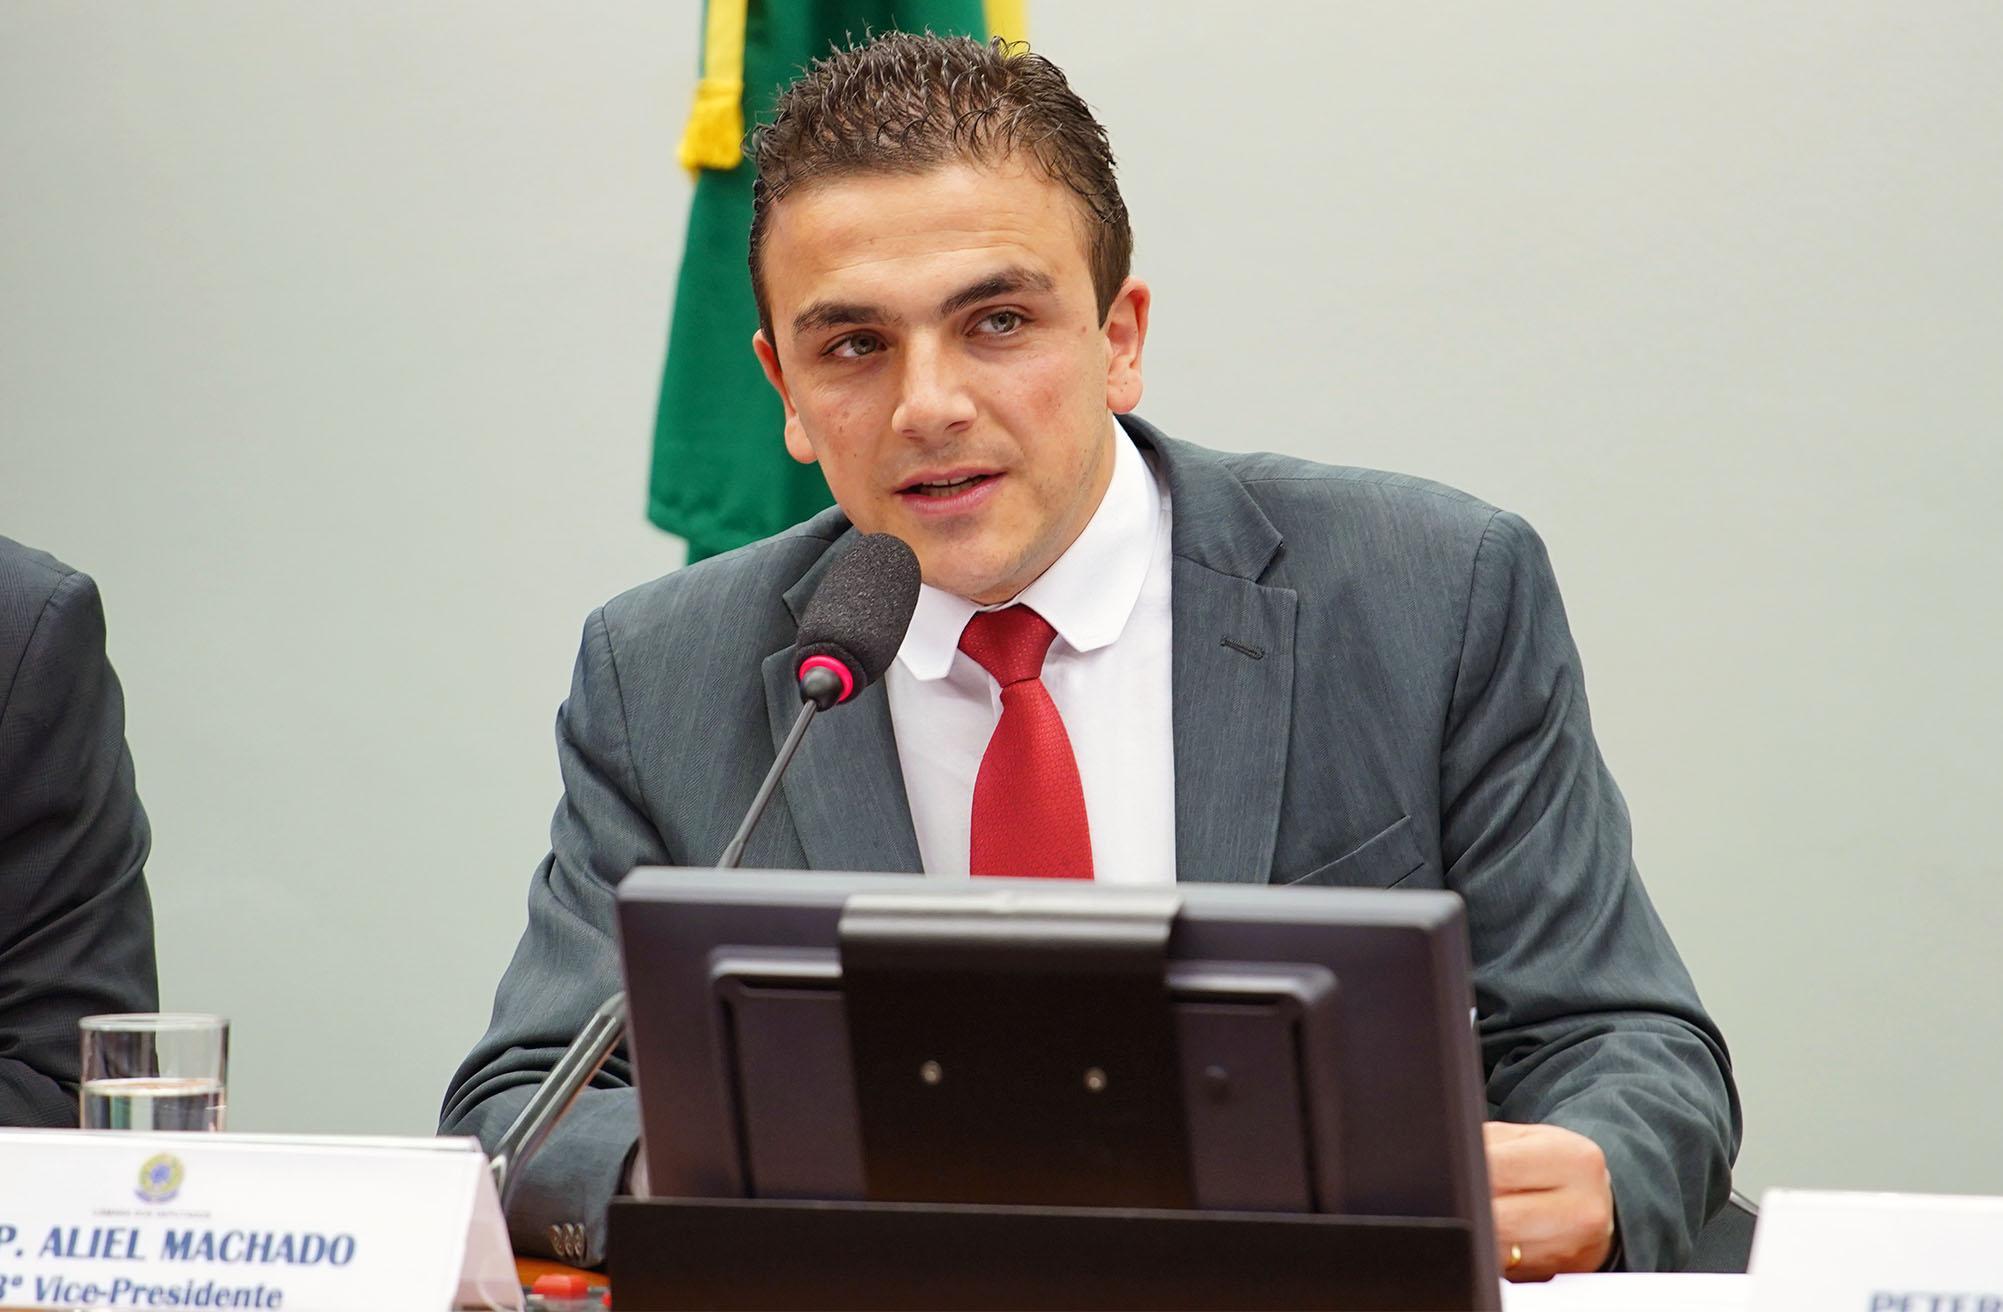 Seminário sobre a situação e demandas dos Câmpus Fora das Sedes das Instituições Federais de Ensino. Dep. Aliel Machado (PSB - PR)